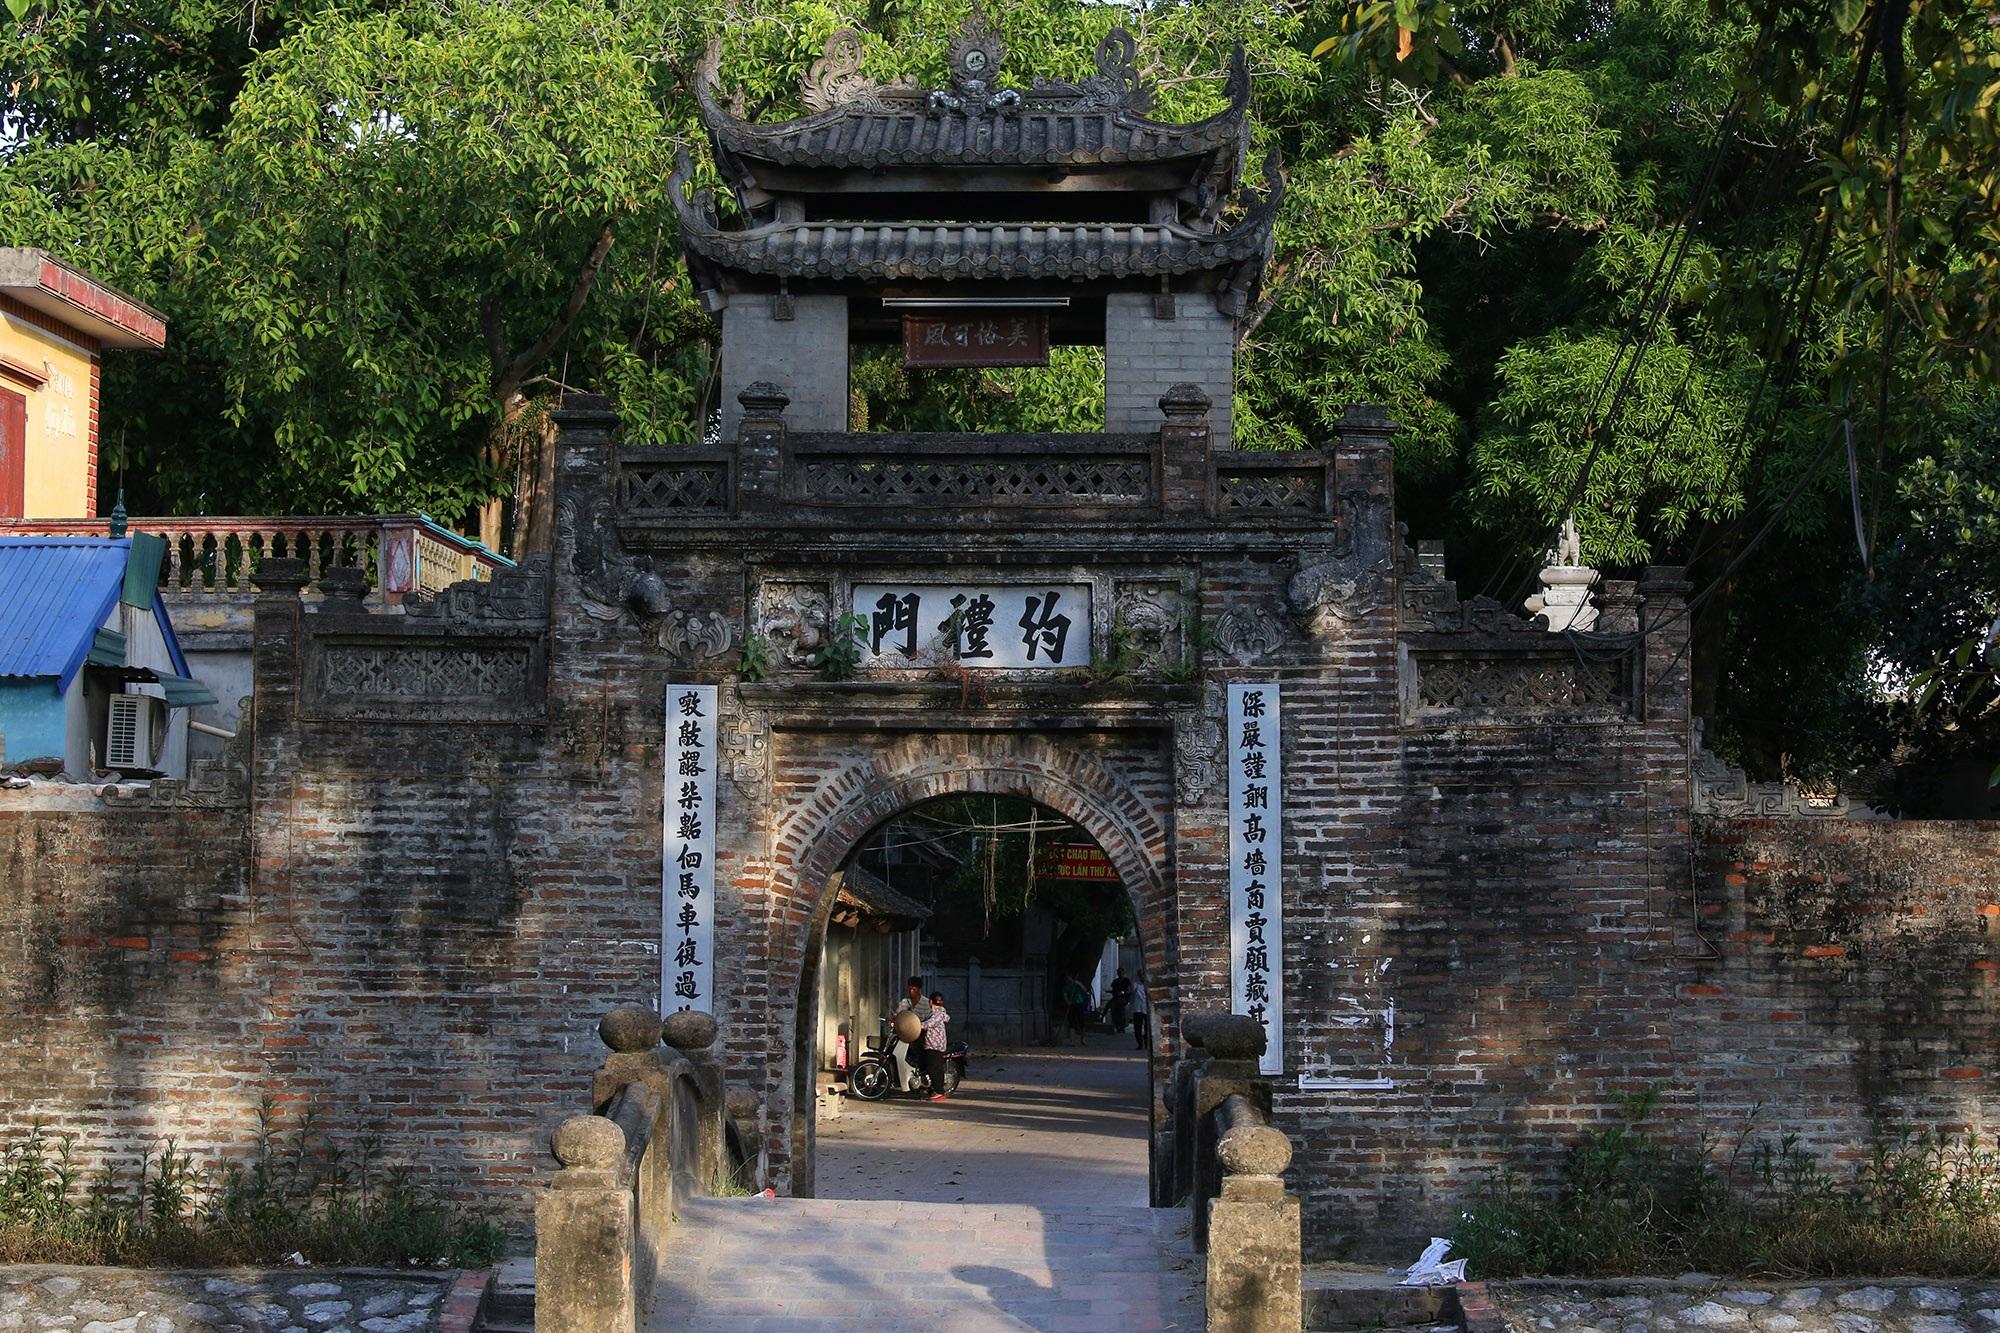 Khám phá vẻ đẹp của cổng làng đồ sộ trải qua 5 thế kỷ tại ngoại ô Hà Nội - 2